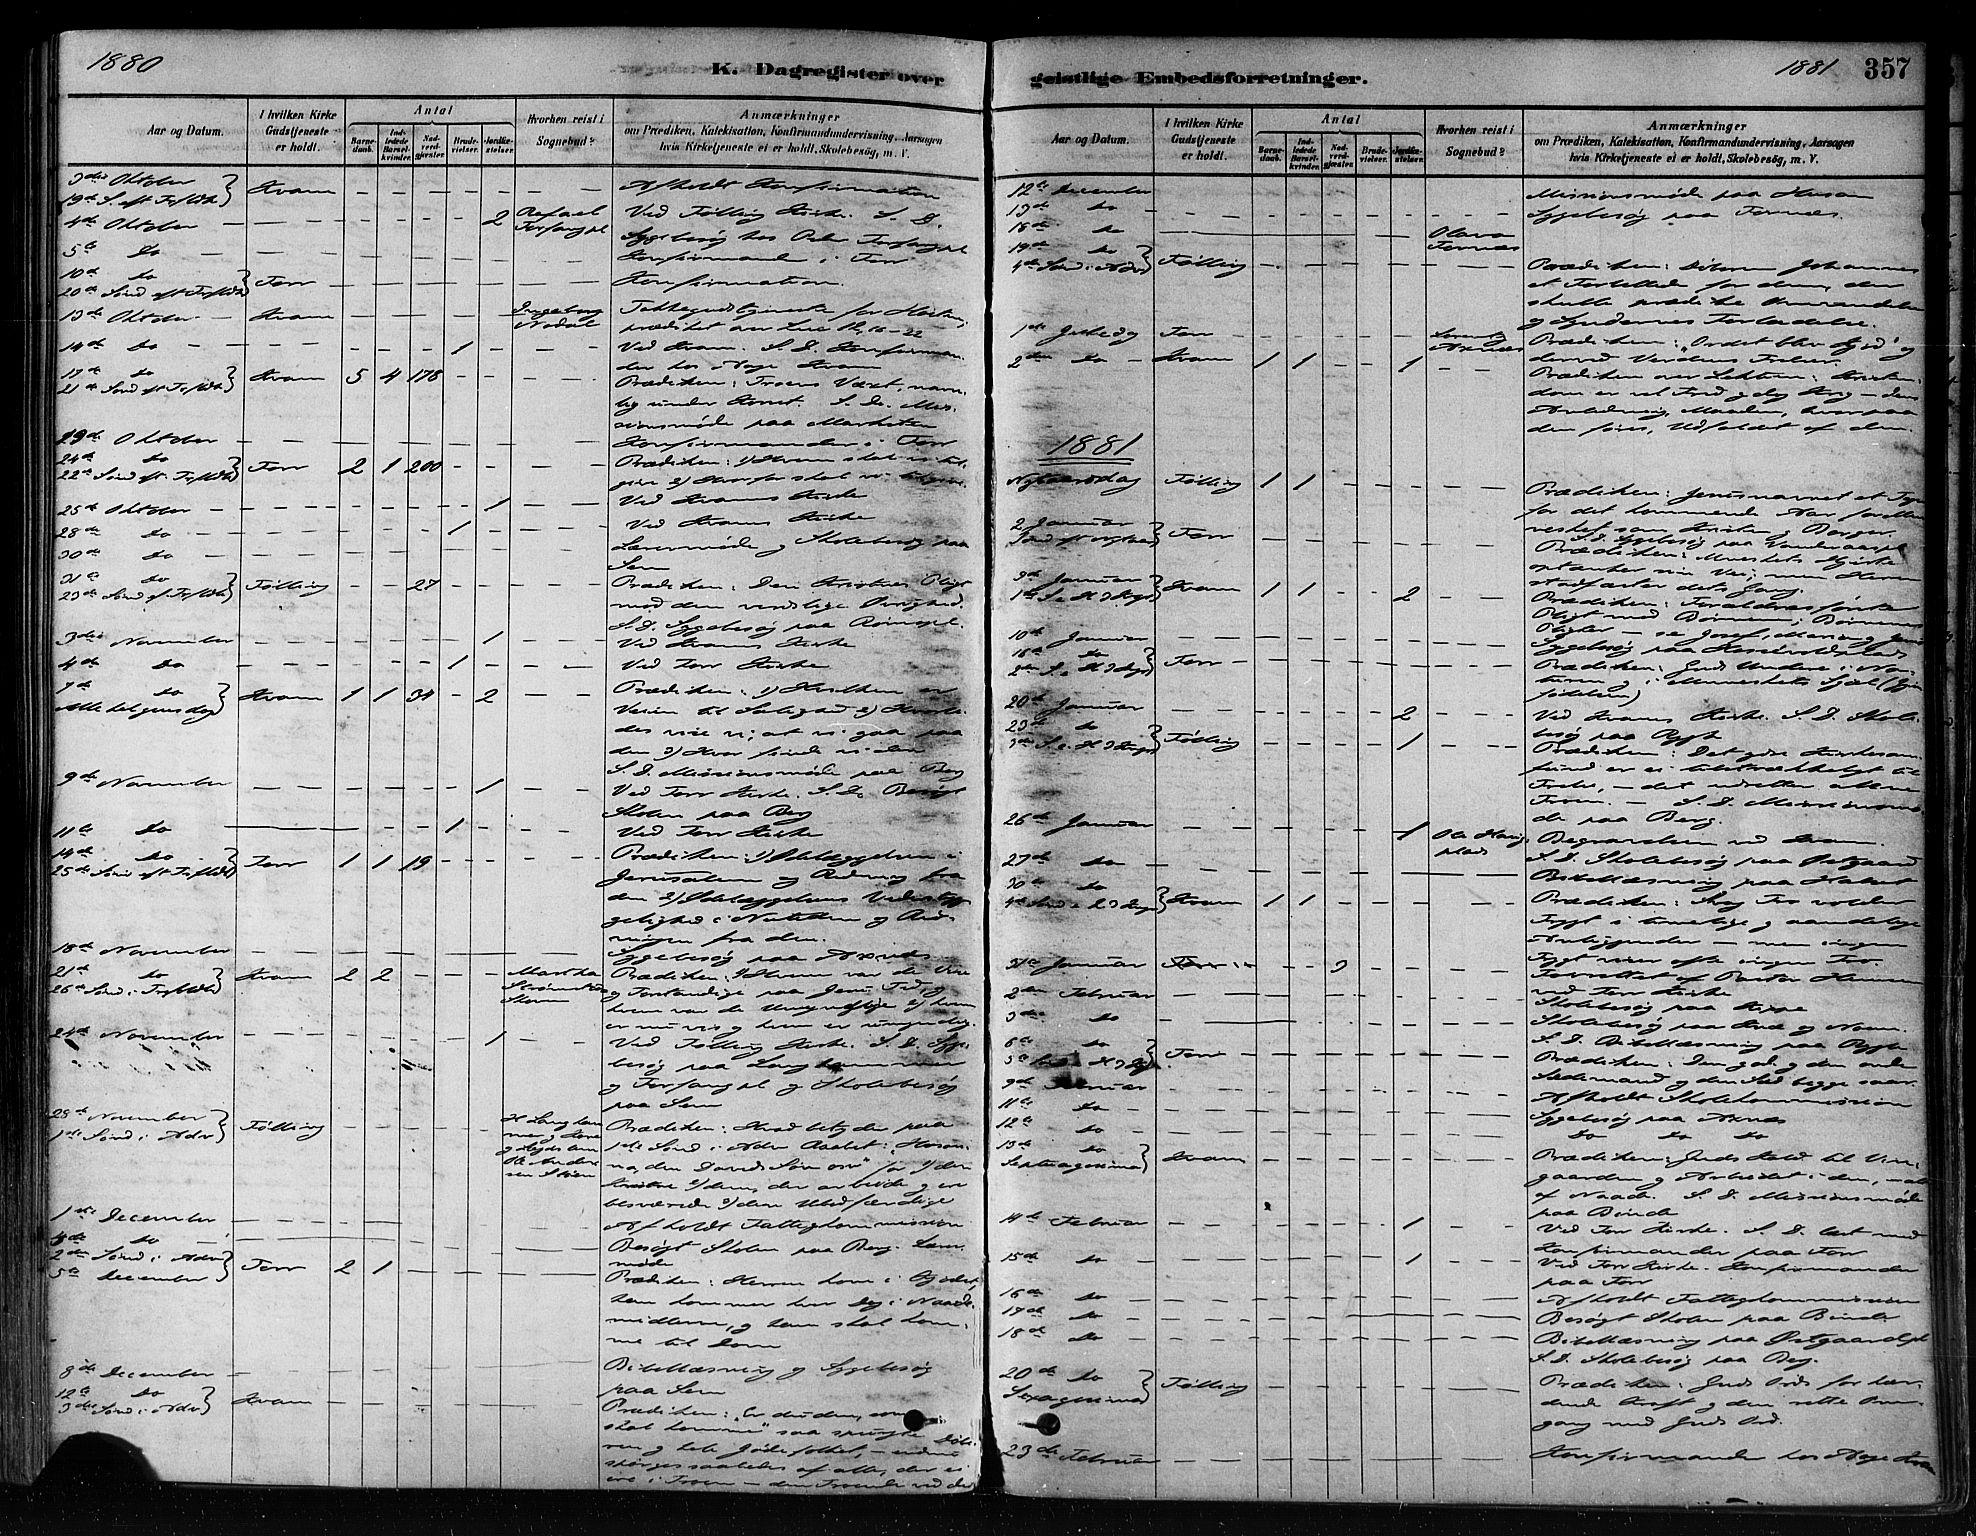 SAT, Ministerialprotokoller, klokkerbøker og fødselsregistre - Nord-Trøndelag, 746/L0448: Ministerialbok nr. 746A07 /1, 1878-1900, s. 357